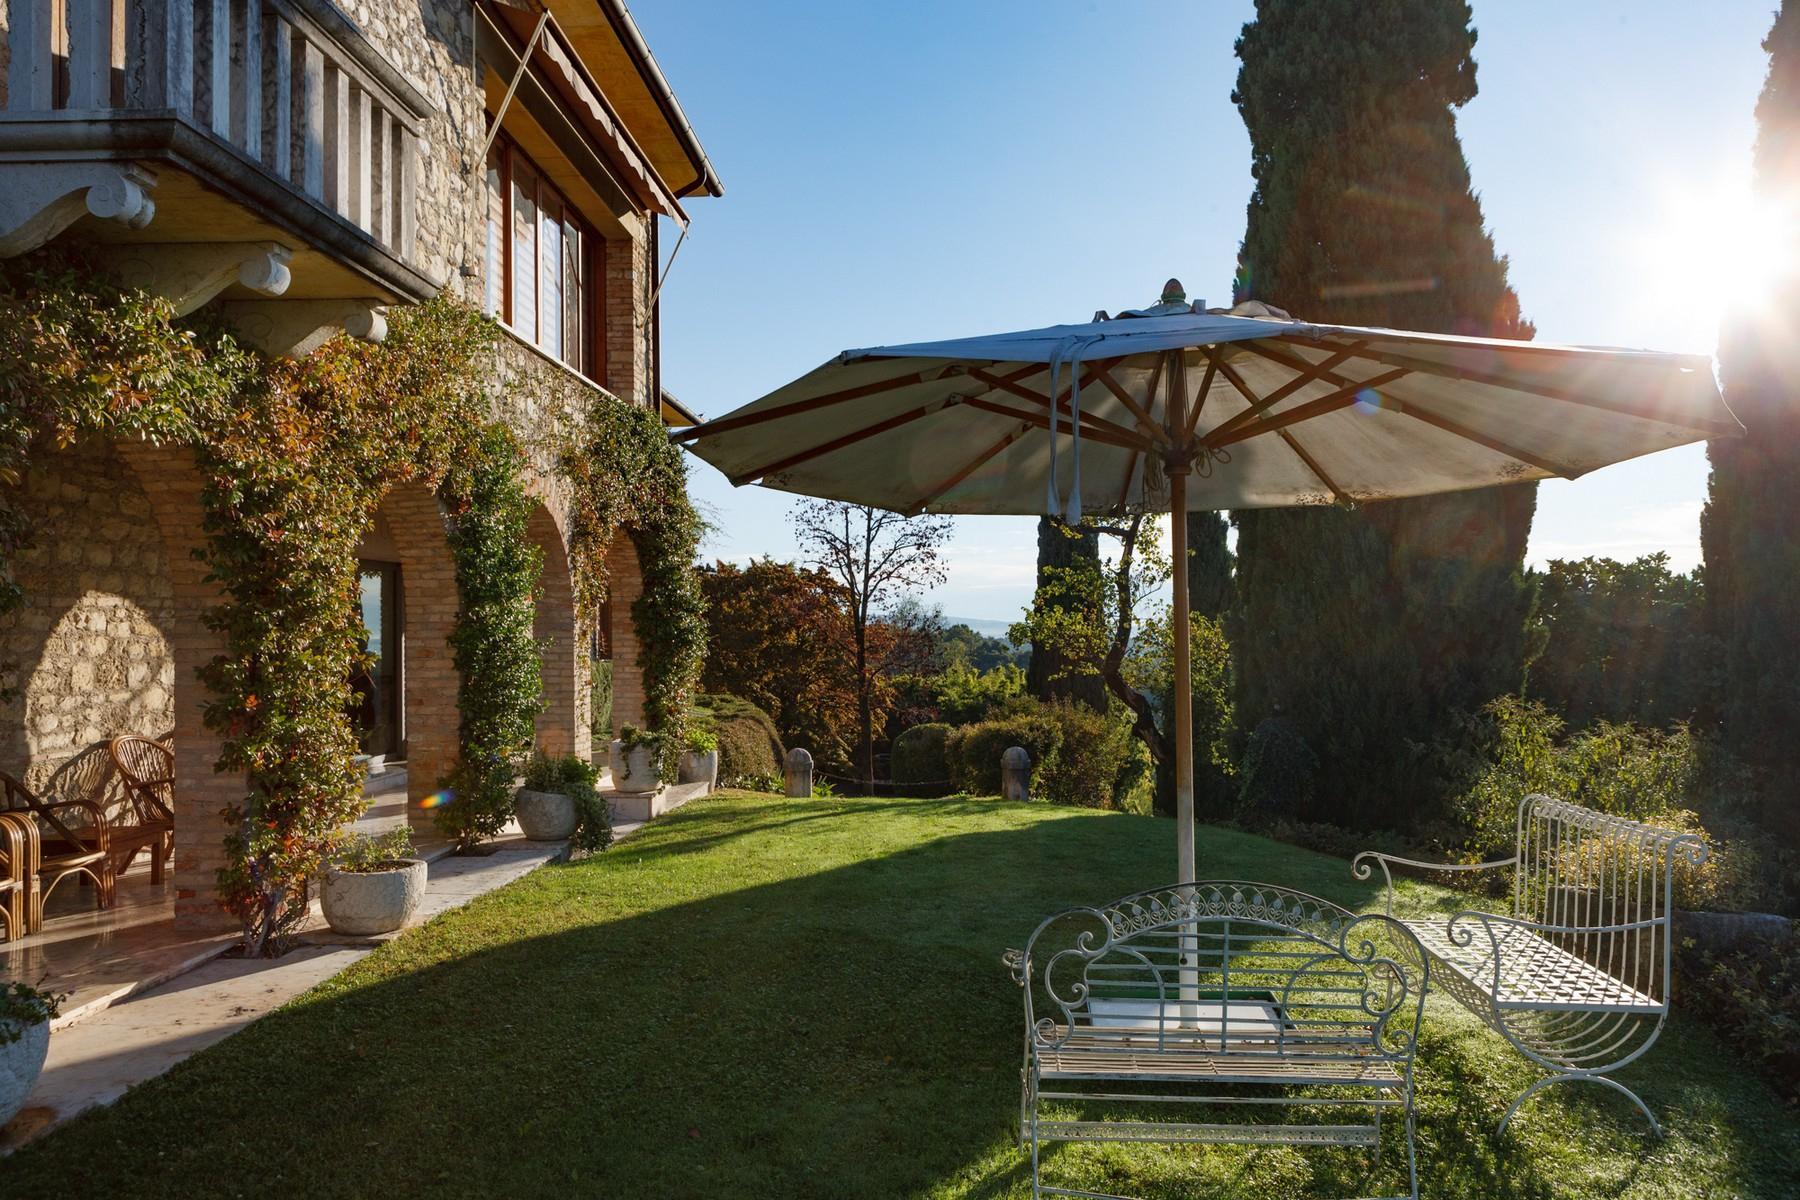 Spettacolare villa con piscina con vista totale sui colli asolani - 1